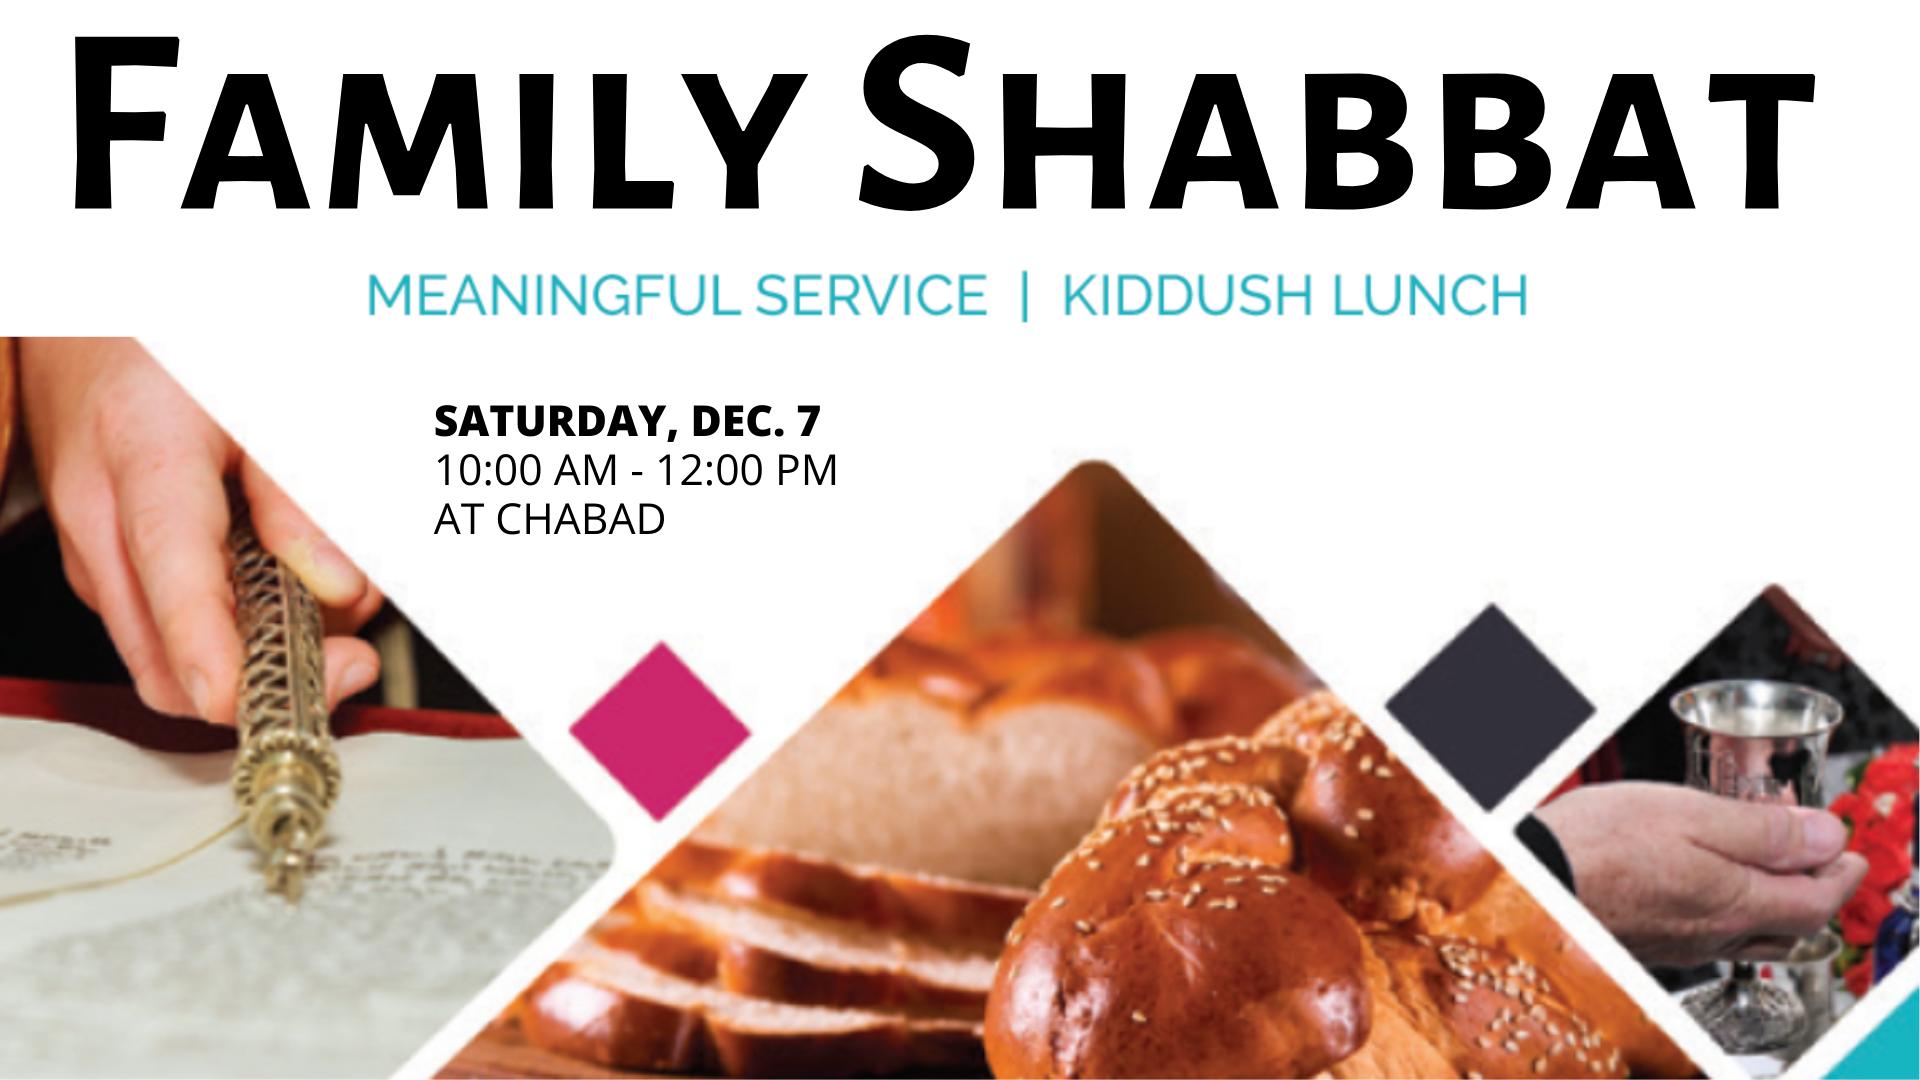 Family Shabbat Fb Event_DEC.png